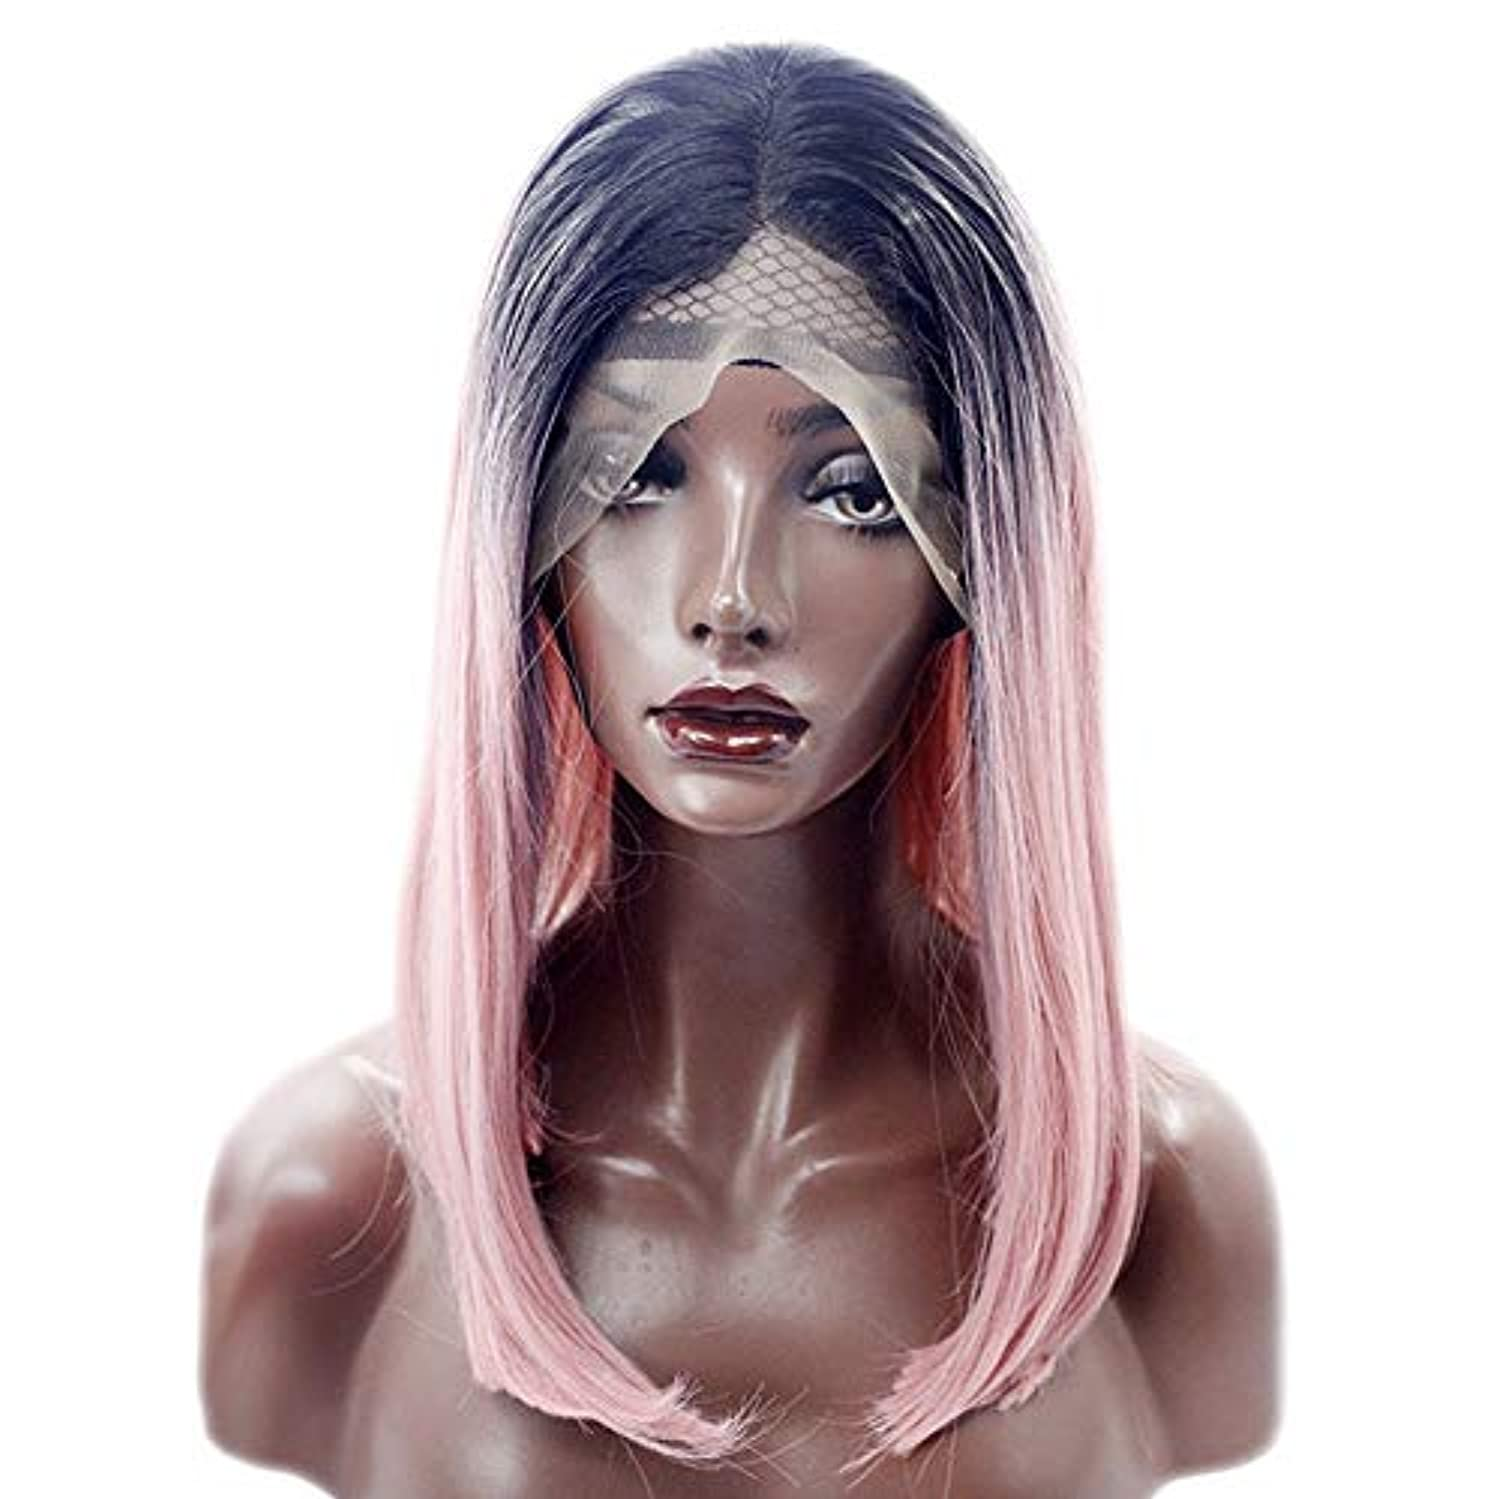 甘美な最も鉛YOUQIU 女性のかつらのフロント合成かつらピンクボブウィッグストレート肩の耐熱髪をひもで締めます (色 : ピンク)